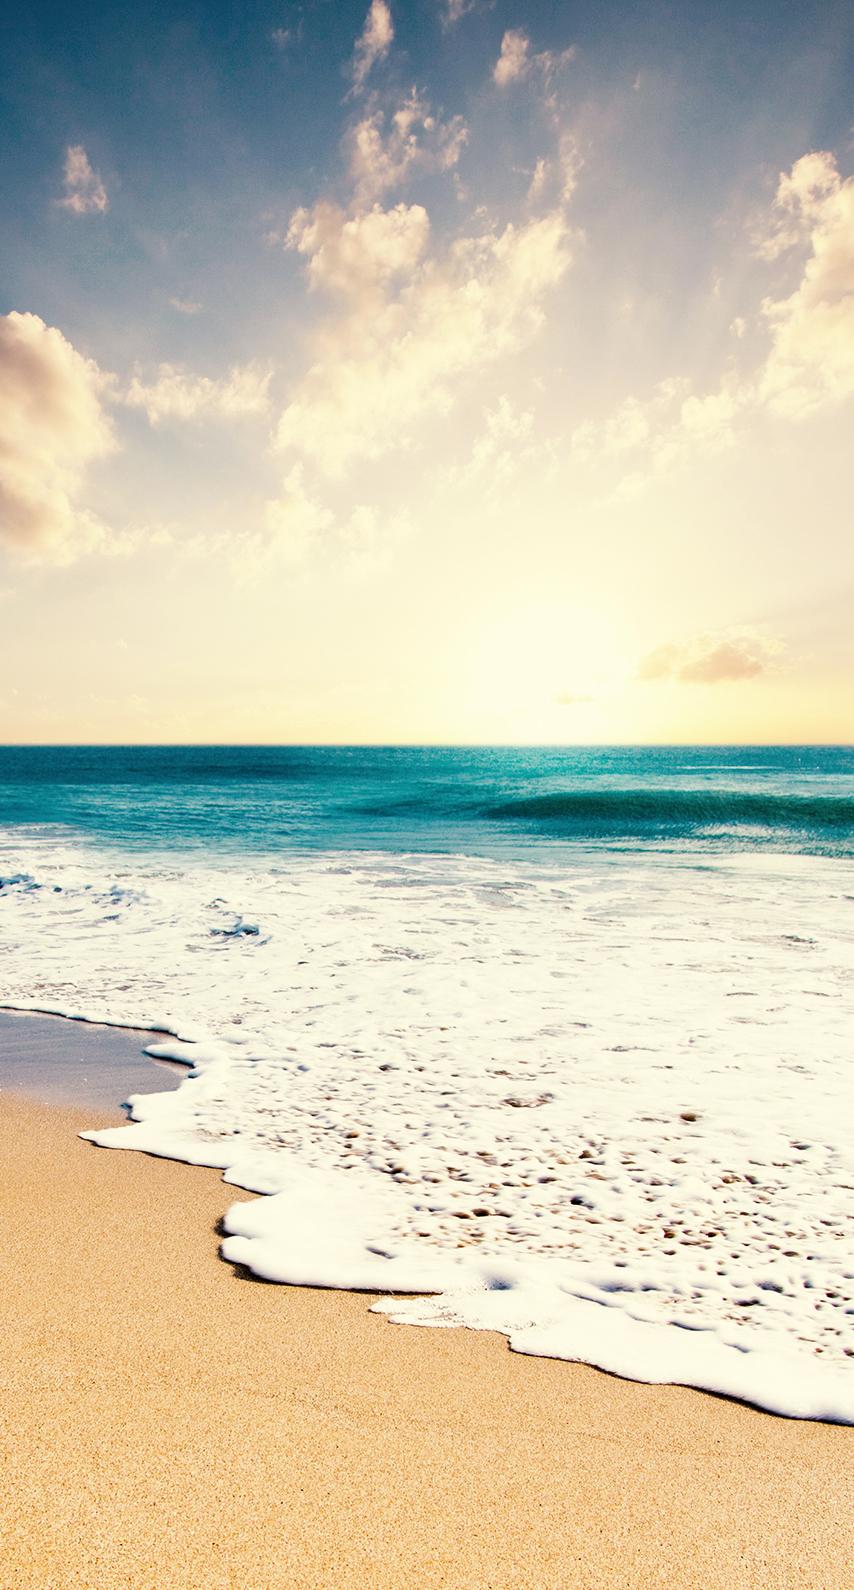 shore, summer